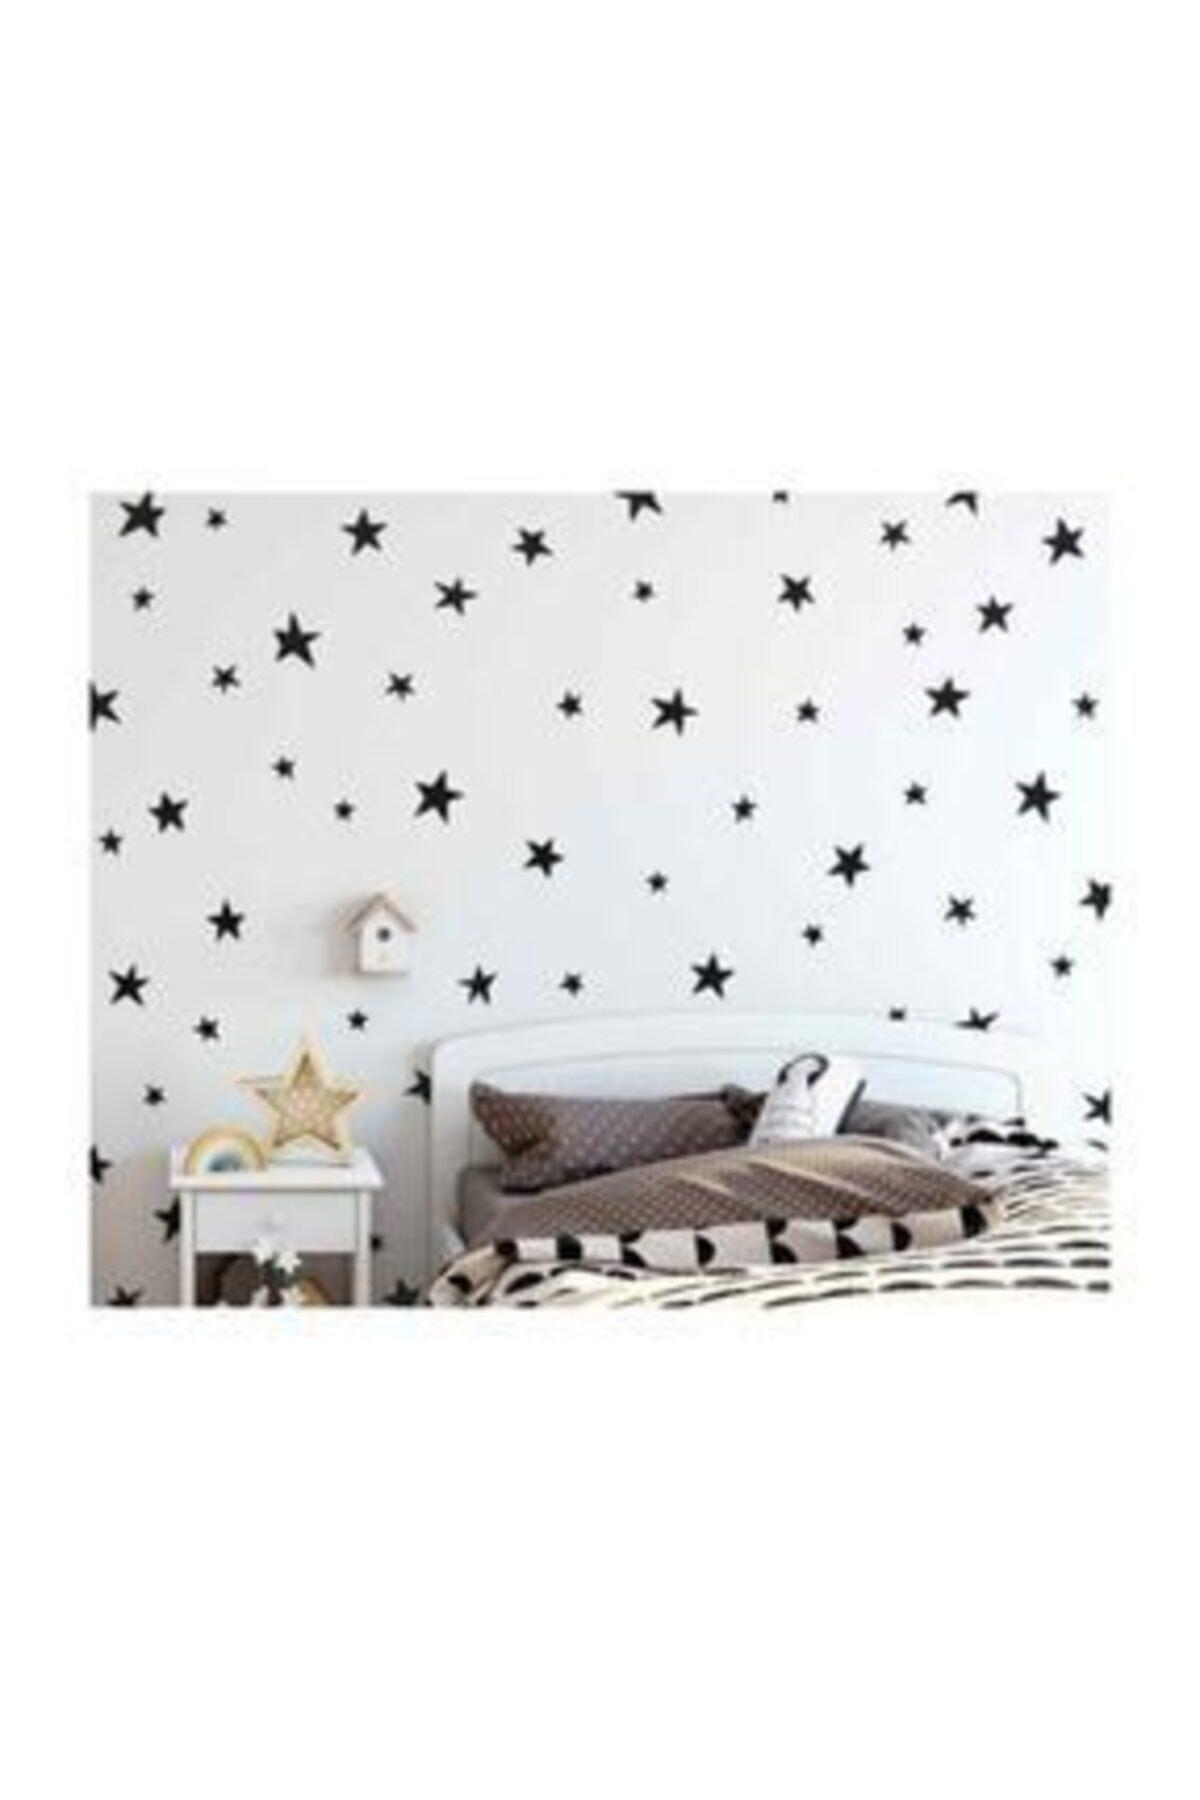 Oracal 129 Adetlik Yıldız Yağmuru Sticker, Siyah Renk, Çocuk Odası Sticker, Dekorasyon 1